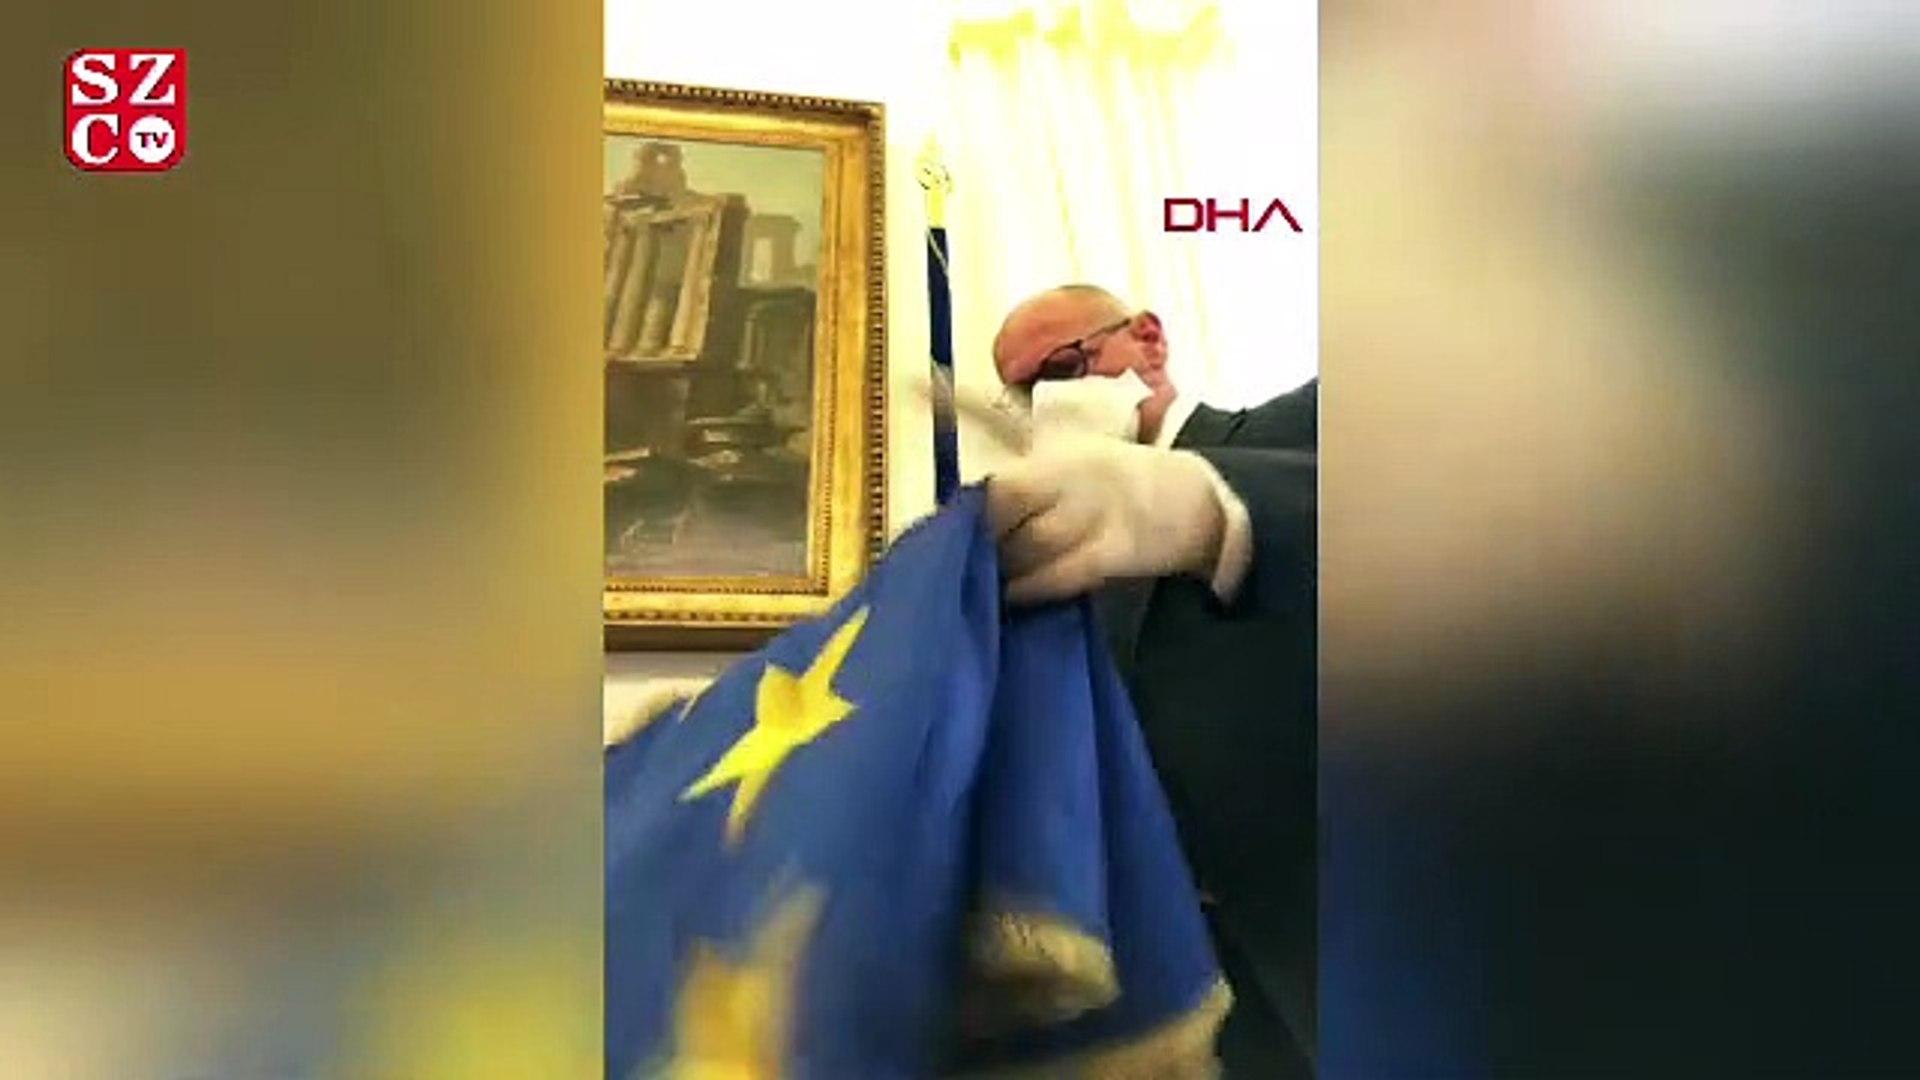 İtalyan siyasetçilerden AB'ye bayraklı corona virüs tepkisi